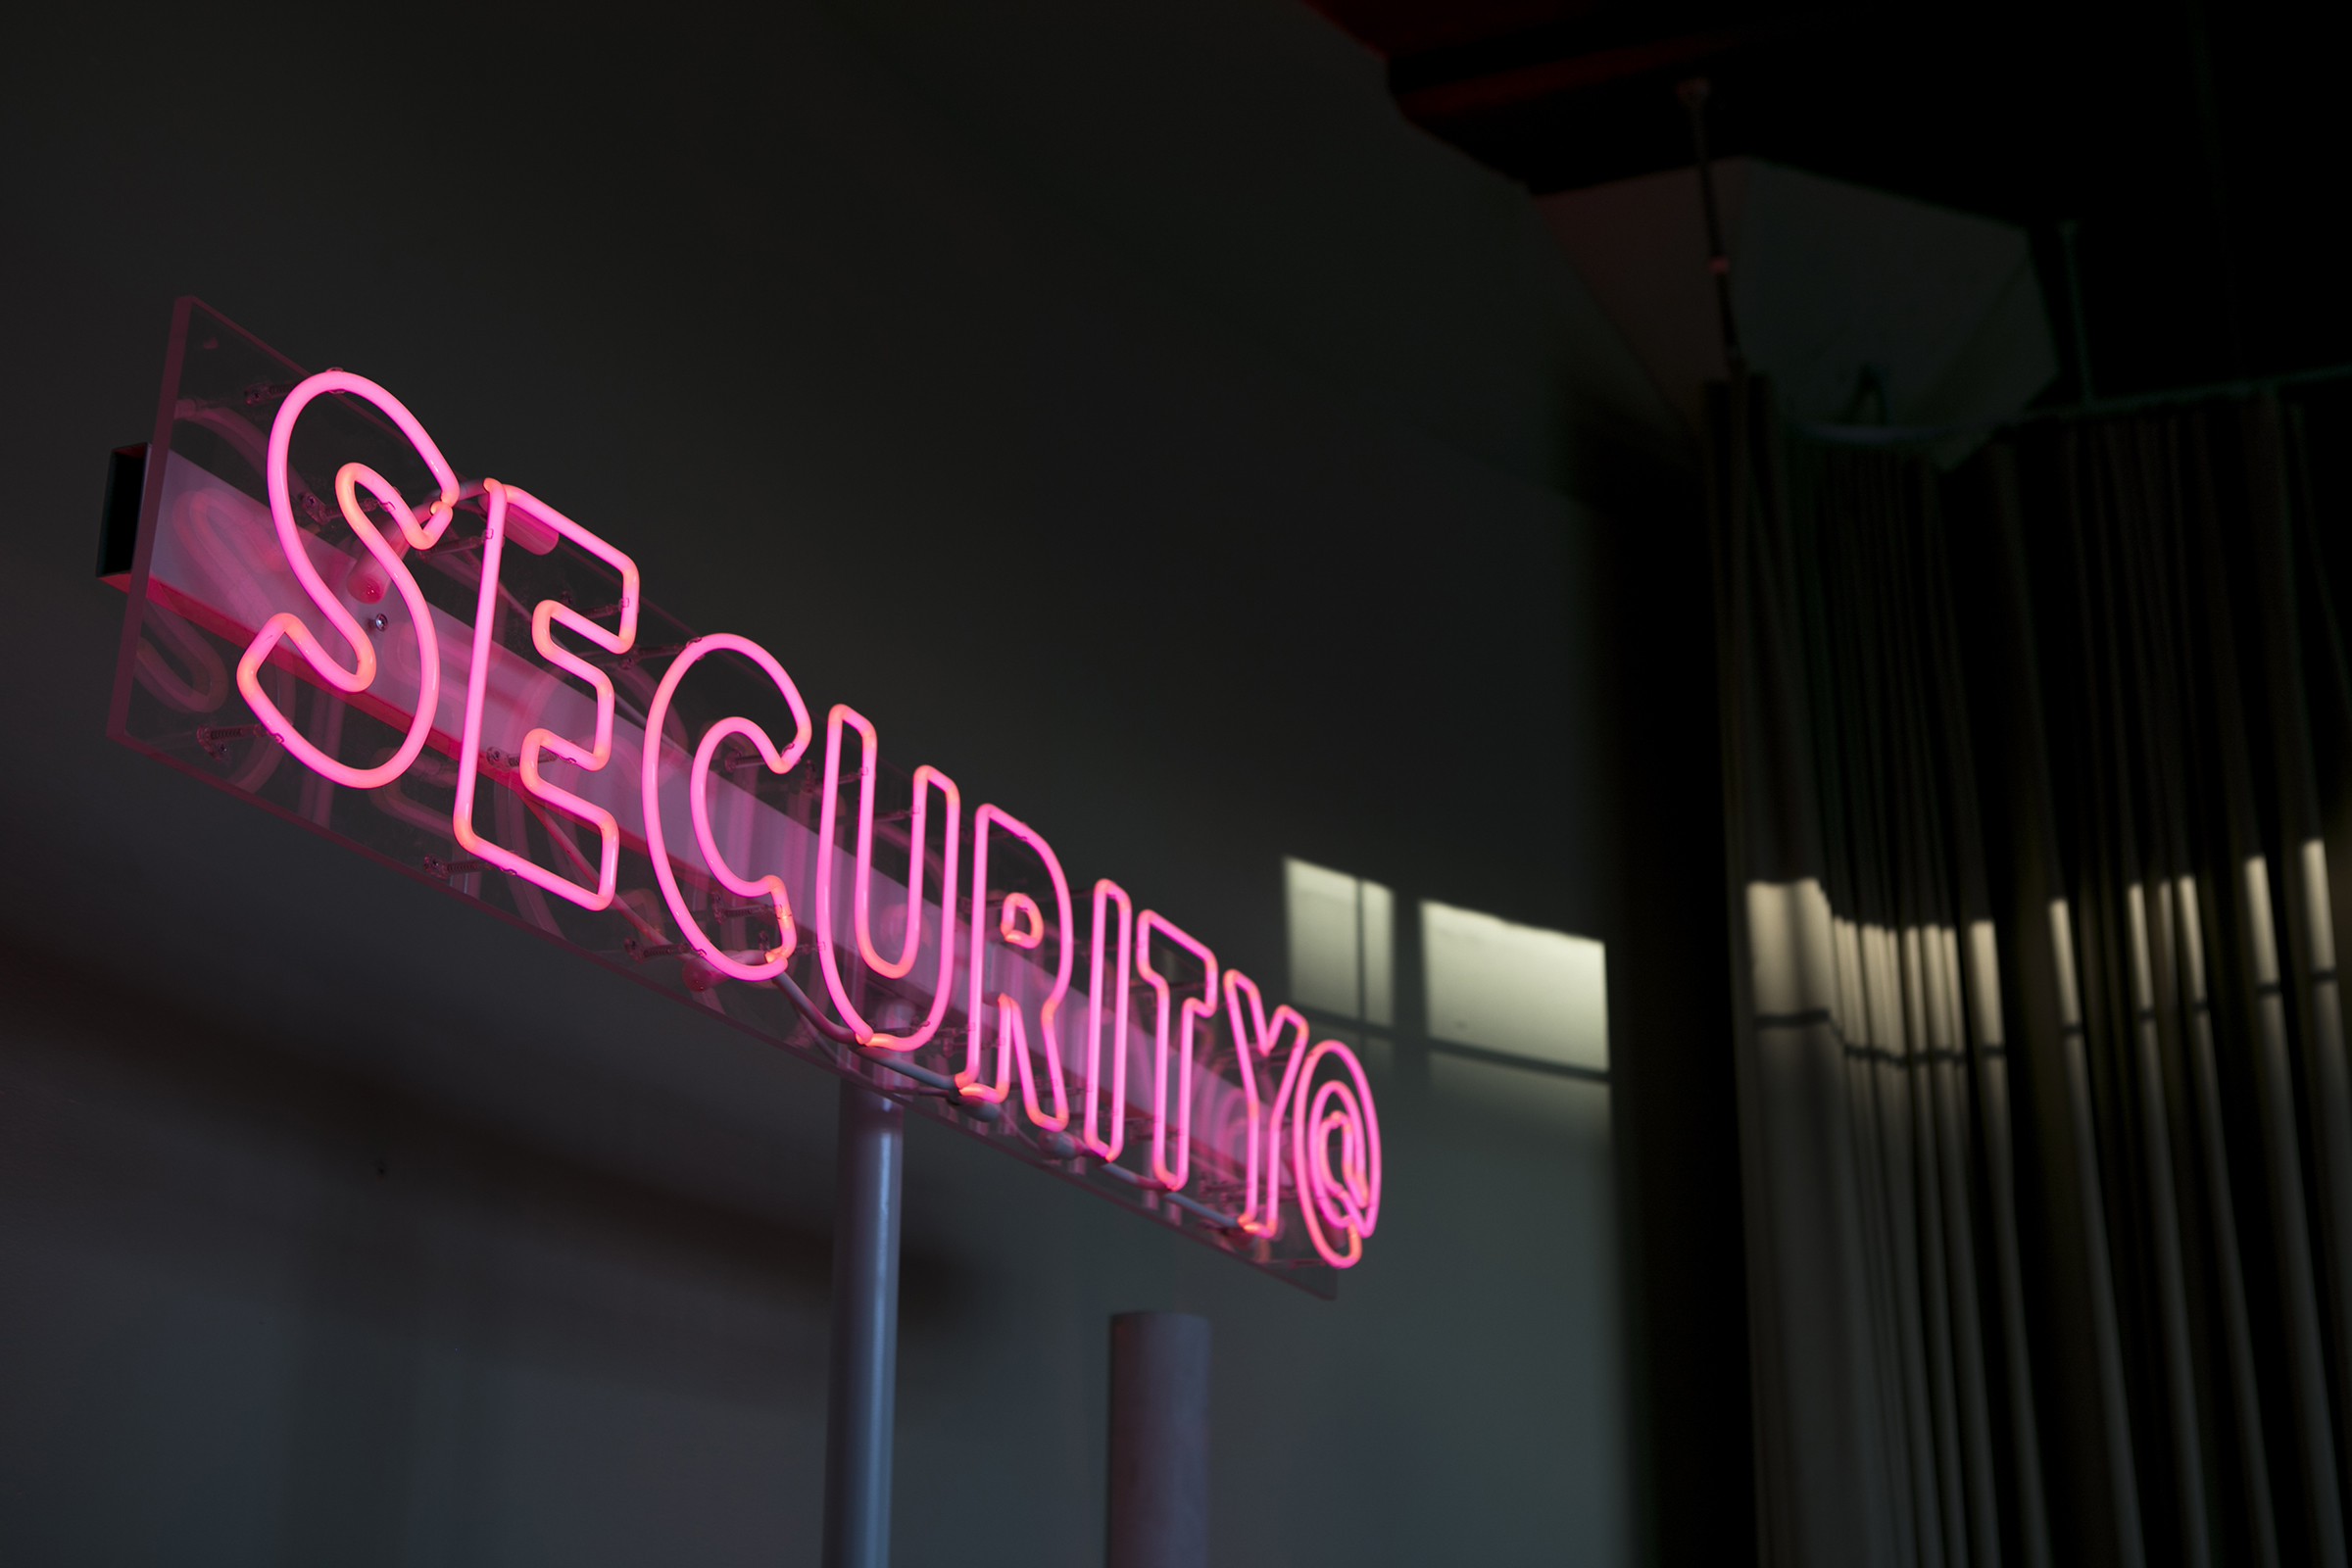 Security_KelseyFloyd_Print_171.jpg